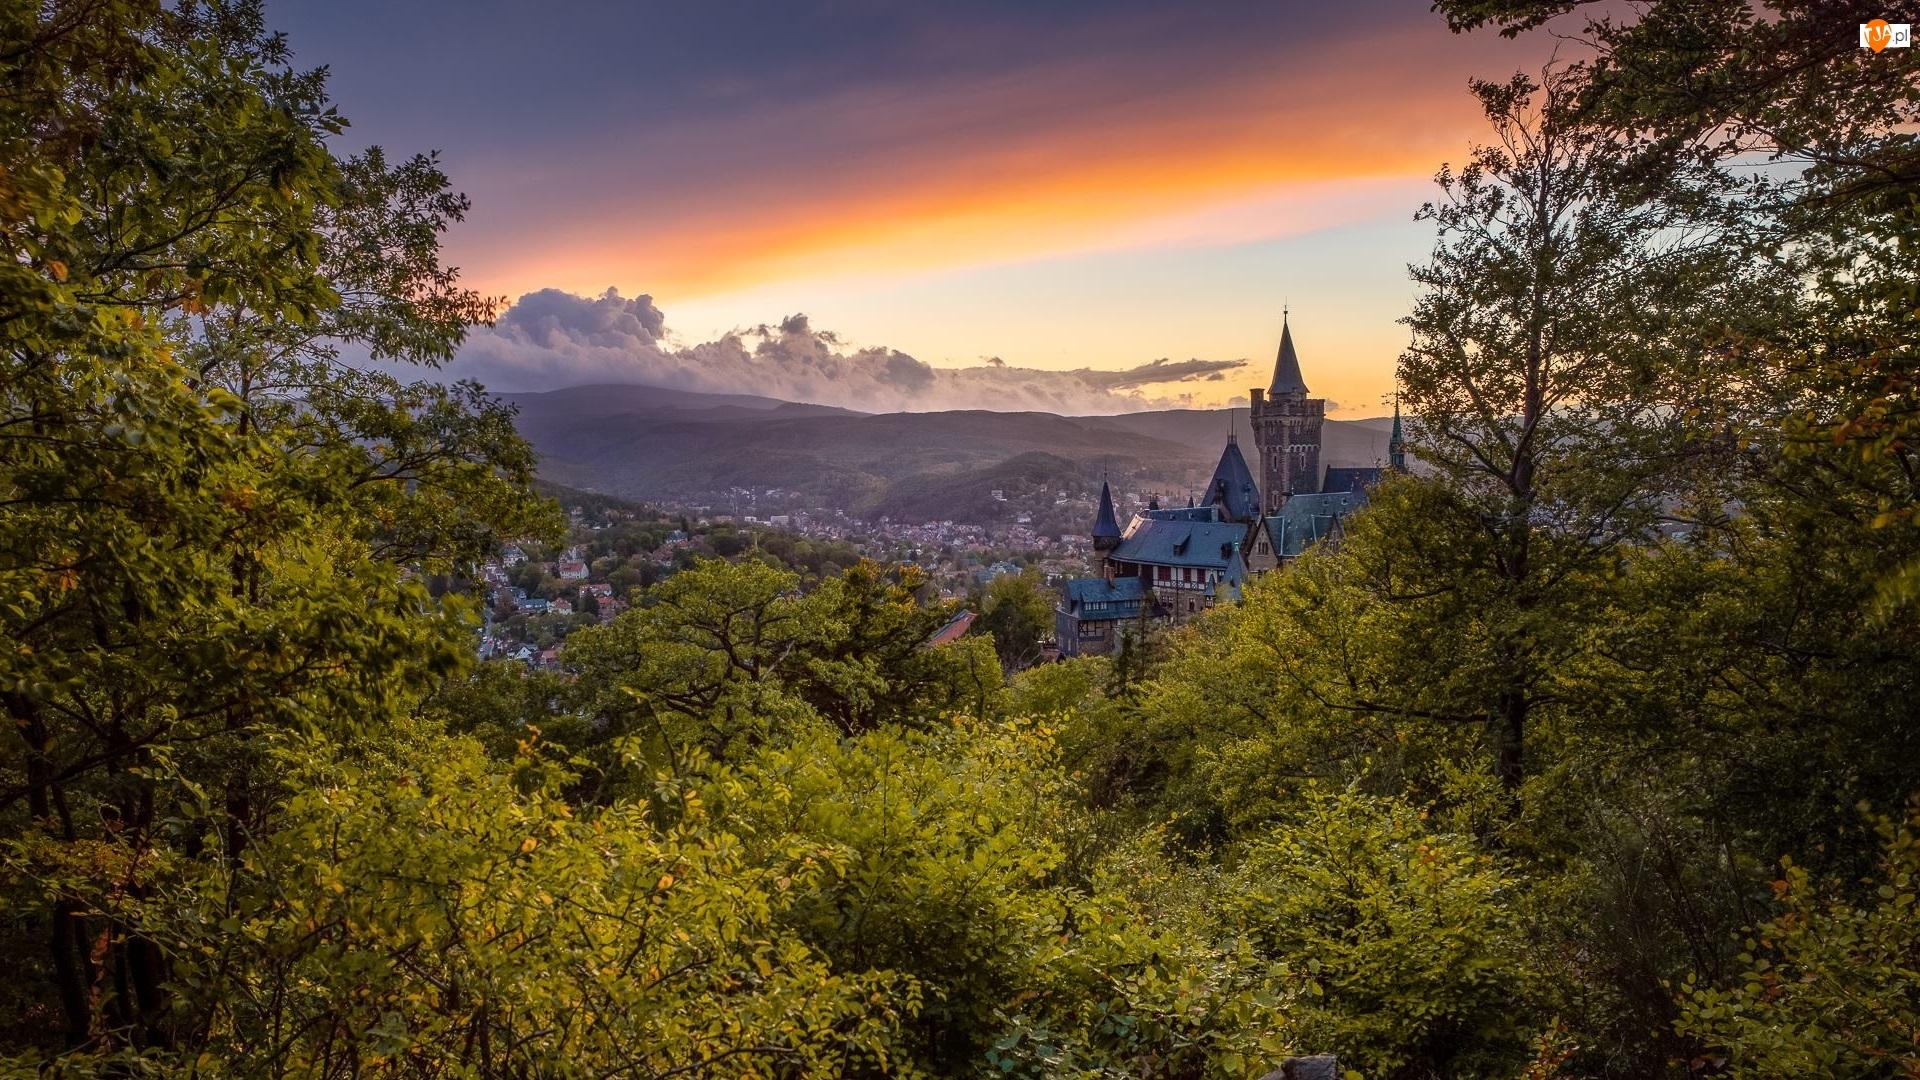 Wernigerode, Wzgórza, Zachód słońca, Powiat Harz, Zamek Wernigerode, Chmury, Niemcy, Drzewa